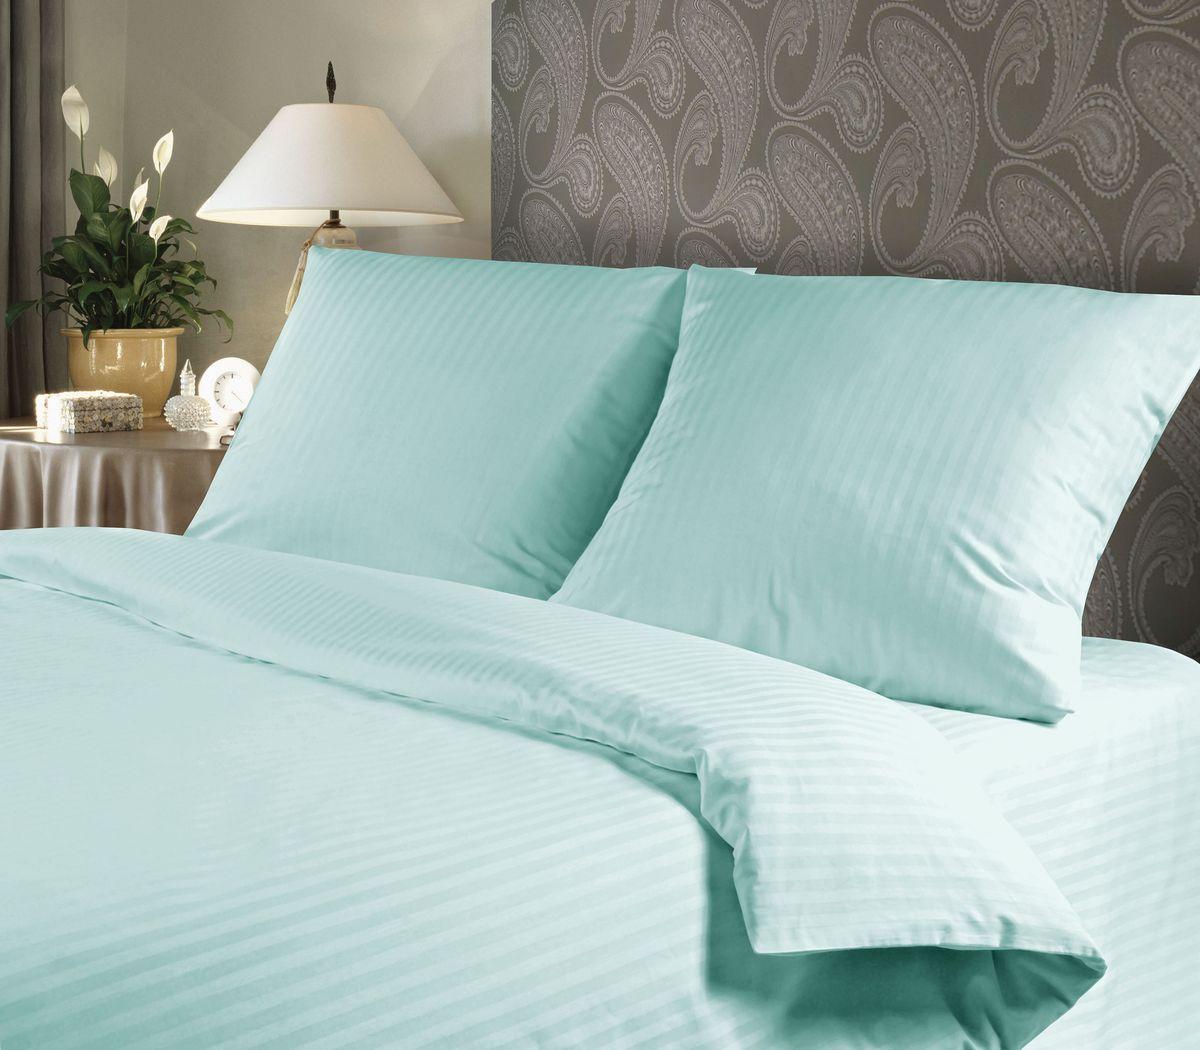 Комплект белья Verossa Вlue Sky, 2-спальный, наволочки 70х70711213